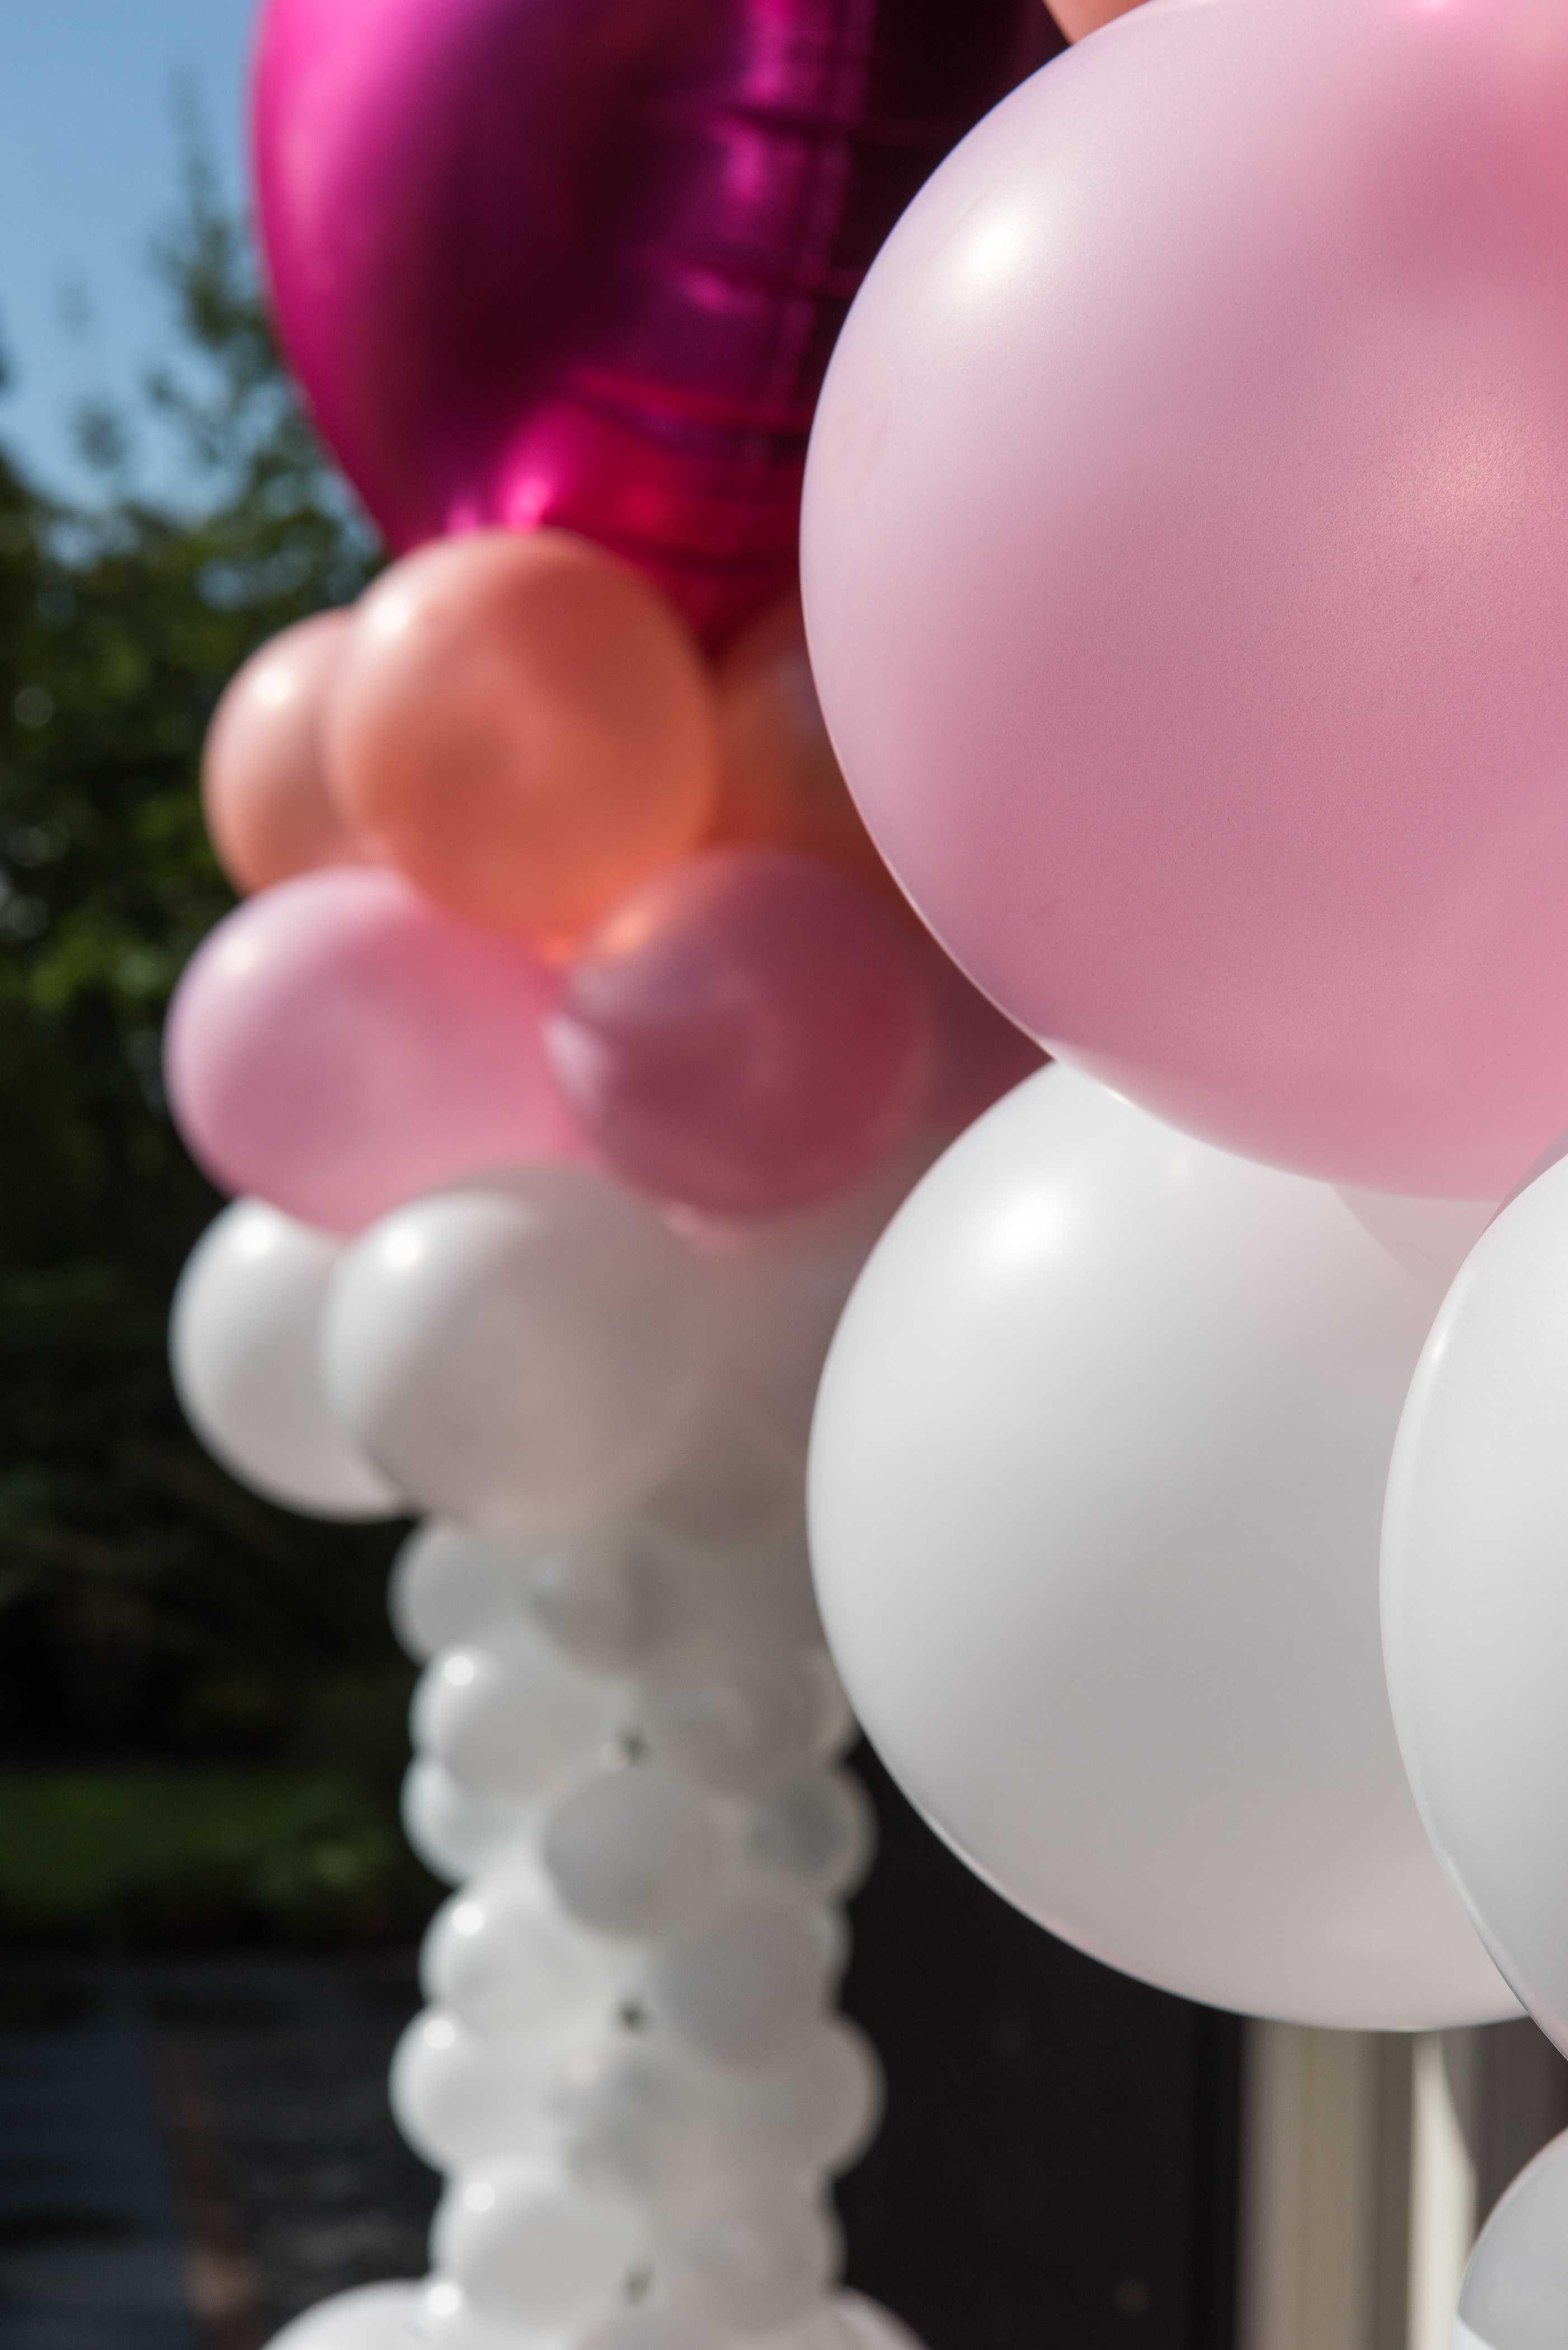 100-%-biologisch-afbreekbare-ballonnen